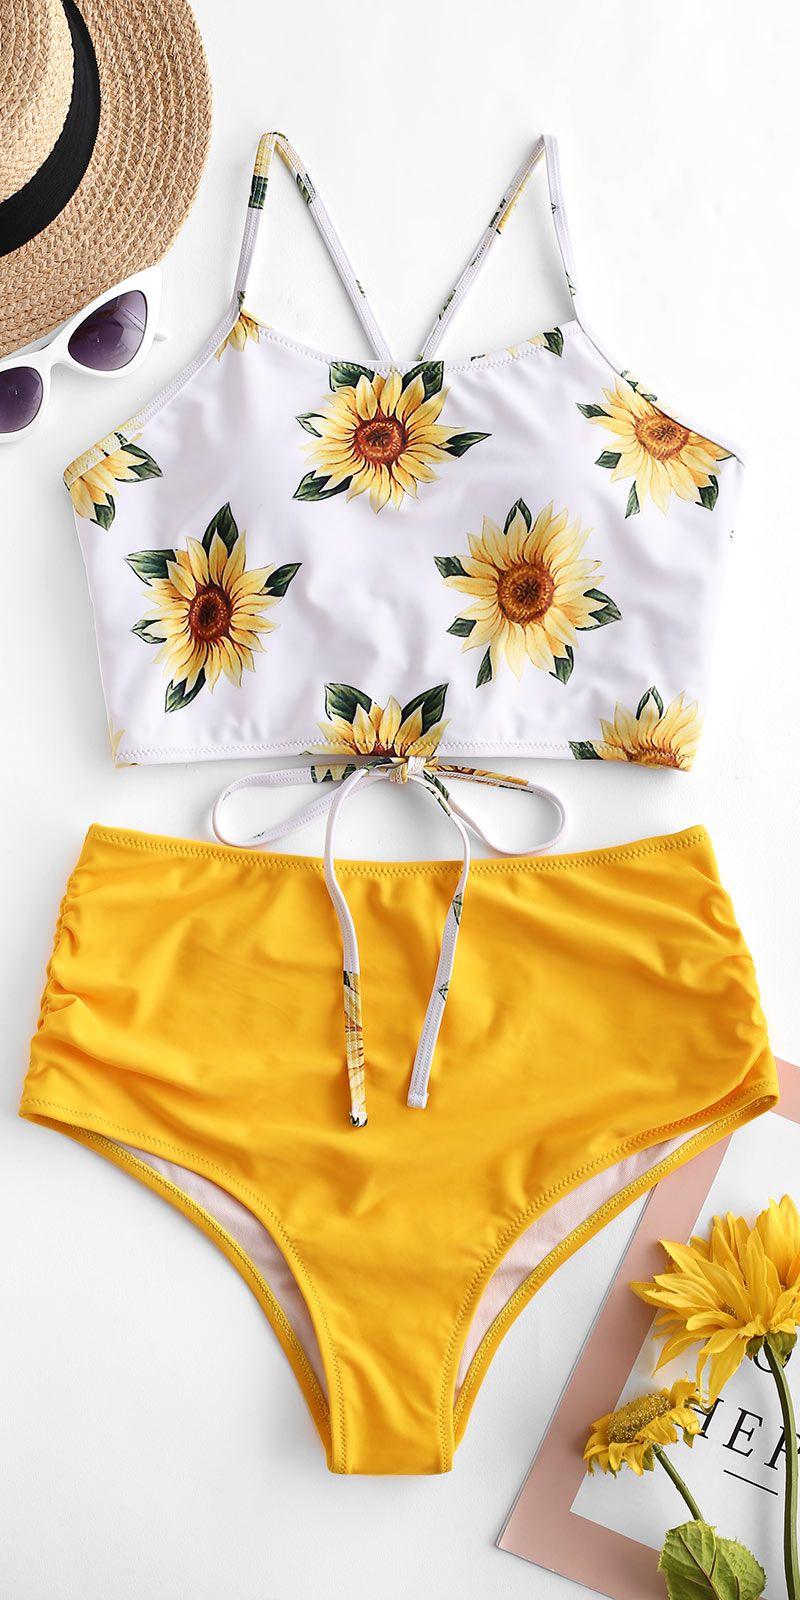 90262f008a ZAFUL Crisscross Ruched Sunflower Tankini Set - Bright Yellow Style: Cute  Swimwear Type: Tankini